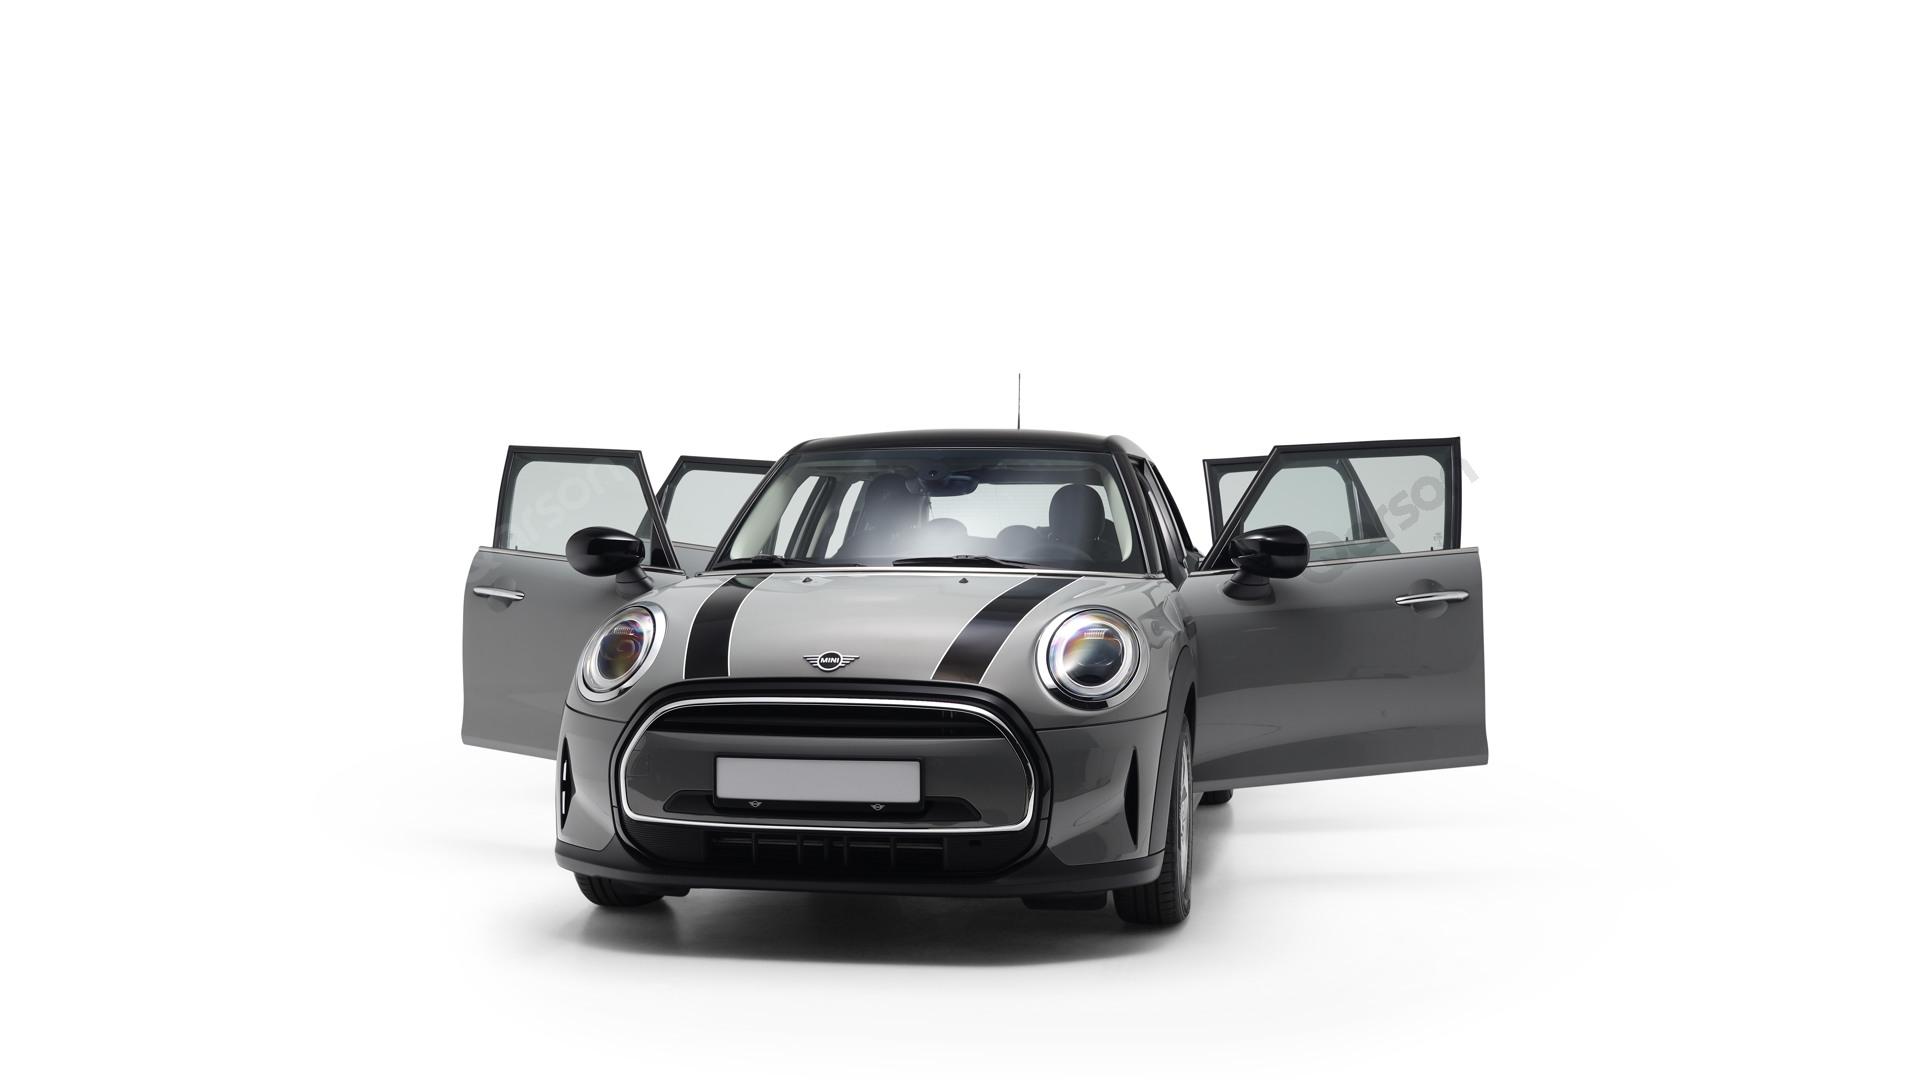 MINI MINI 5D Widok auta z otwartymi drzwiami przedni lewy bok pod kątem 10 stopni